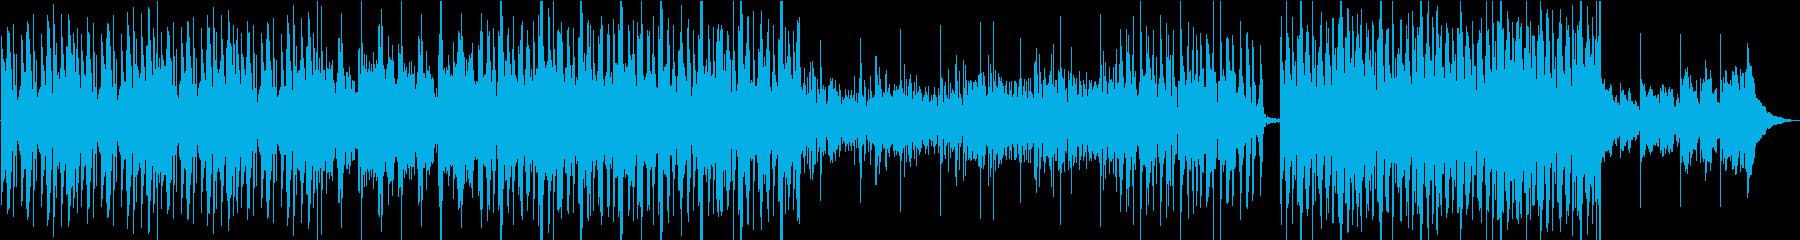 暗めのホラー系BGMの再生済みの波形